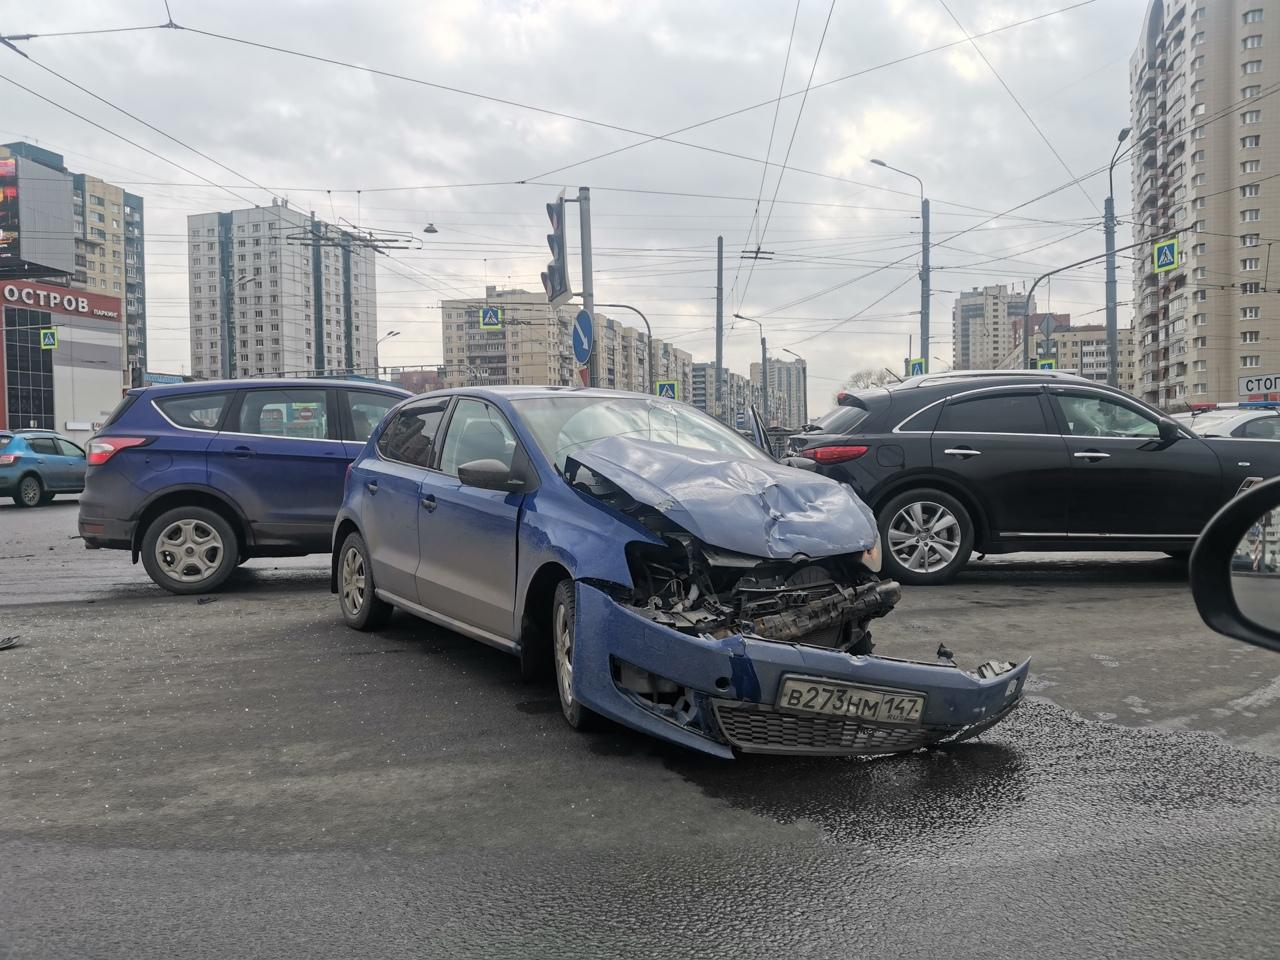 Авария на перекрёстке Индустриального и Косыгина. ДПС на месте, мешаются проезду.